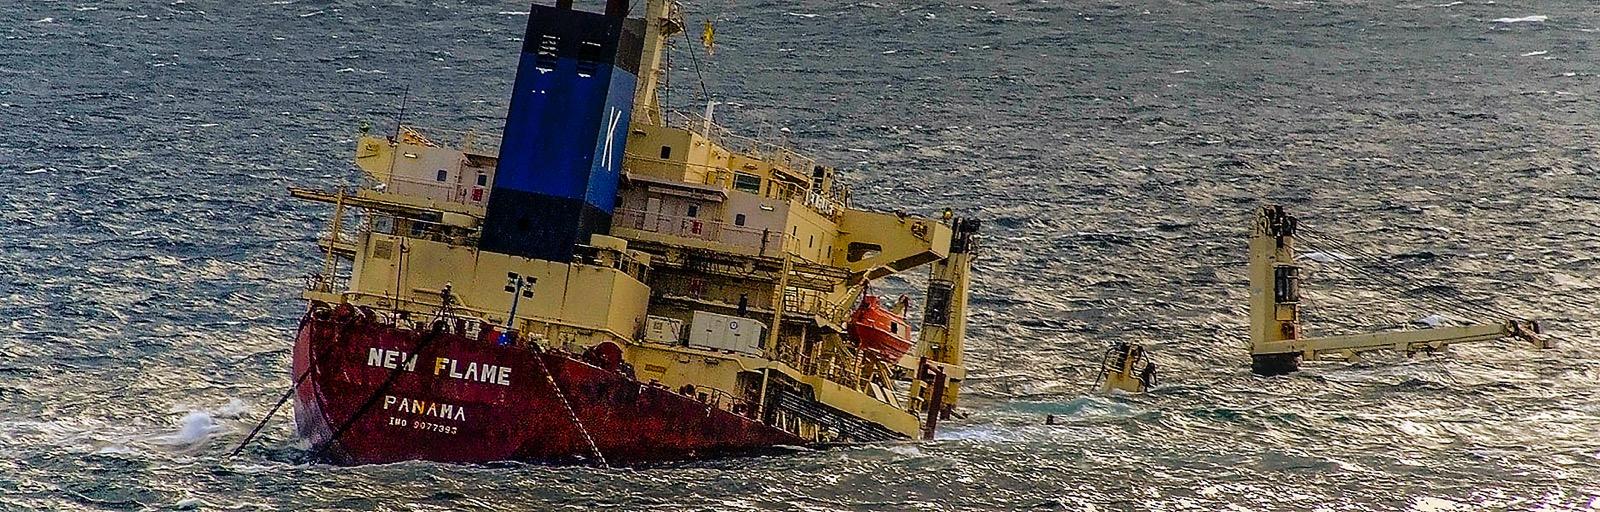 Sinking ship gibralter